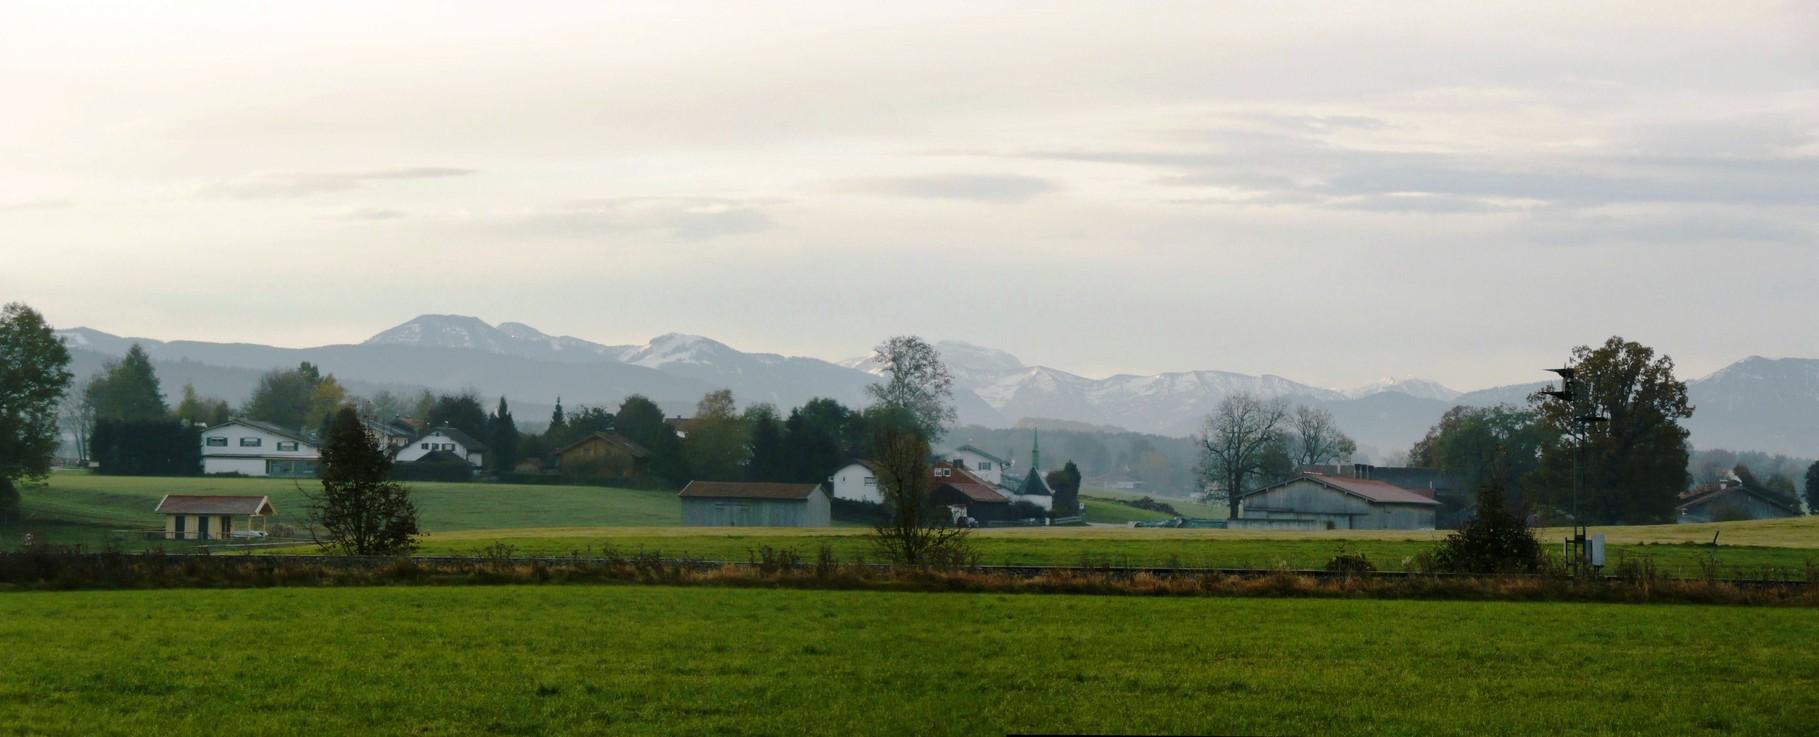 Fotos/Copyright: Franz Lutje